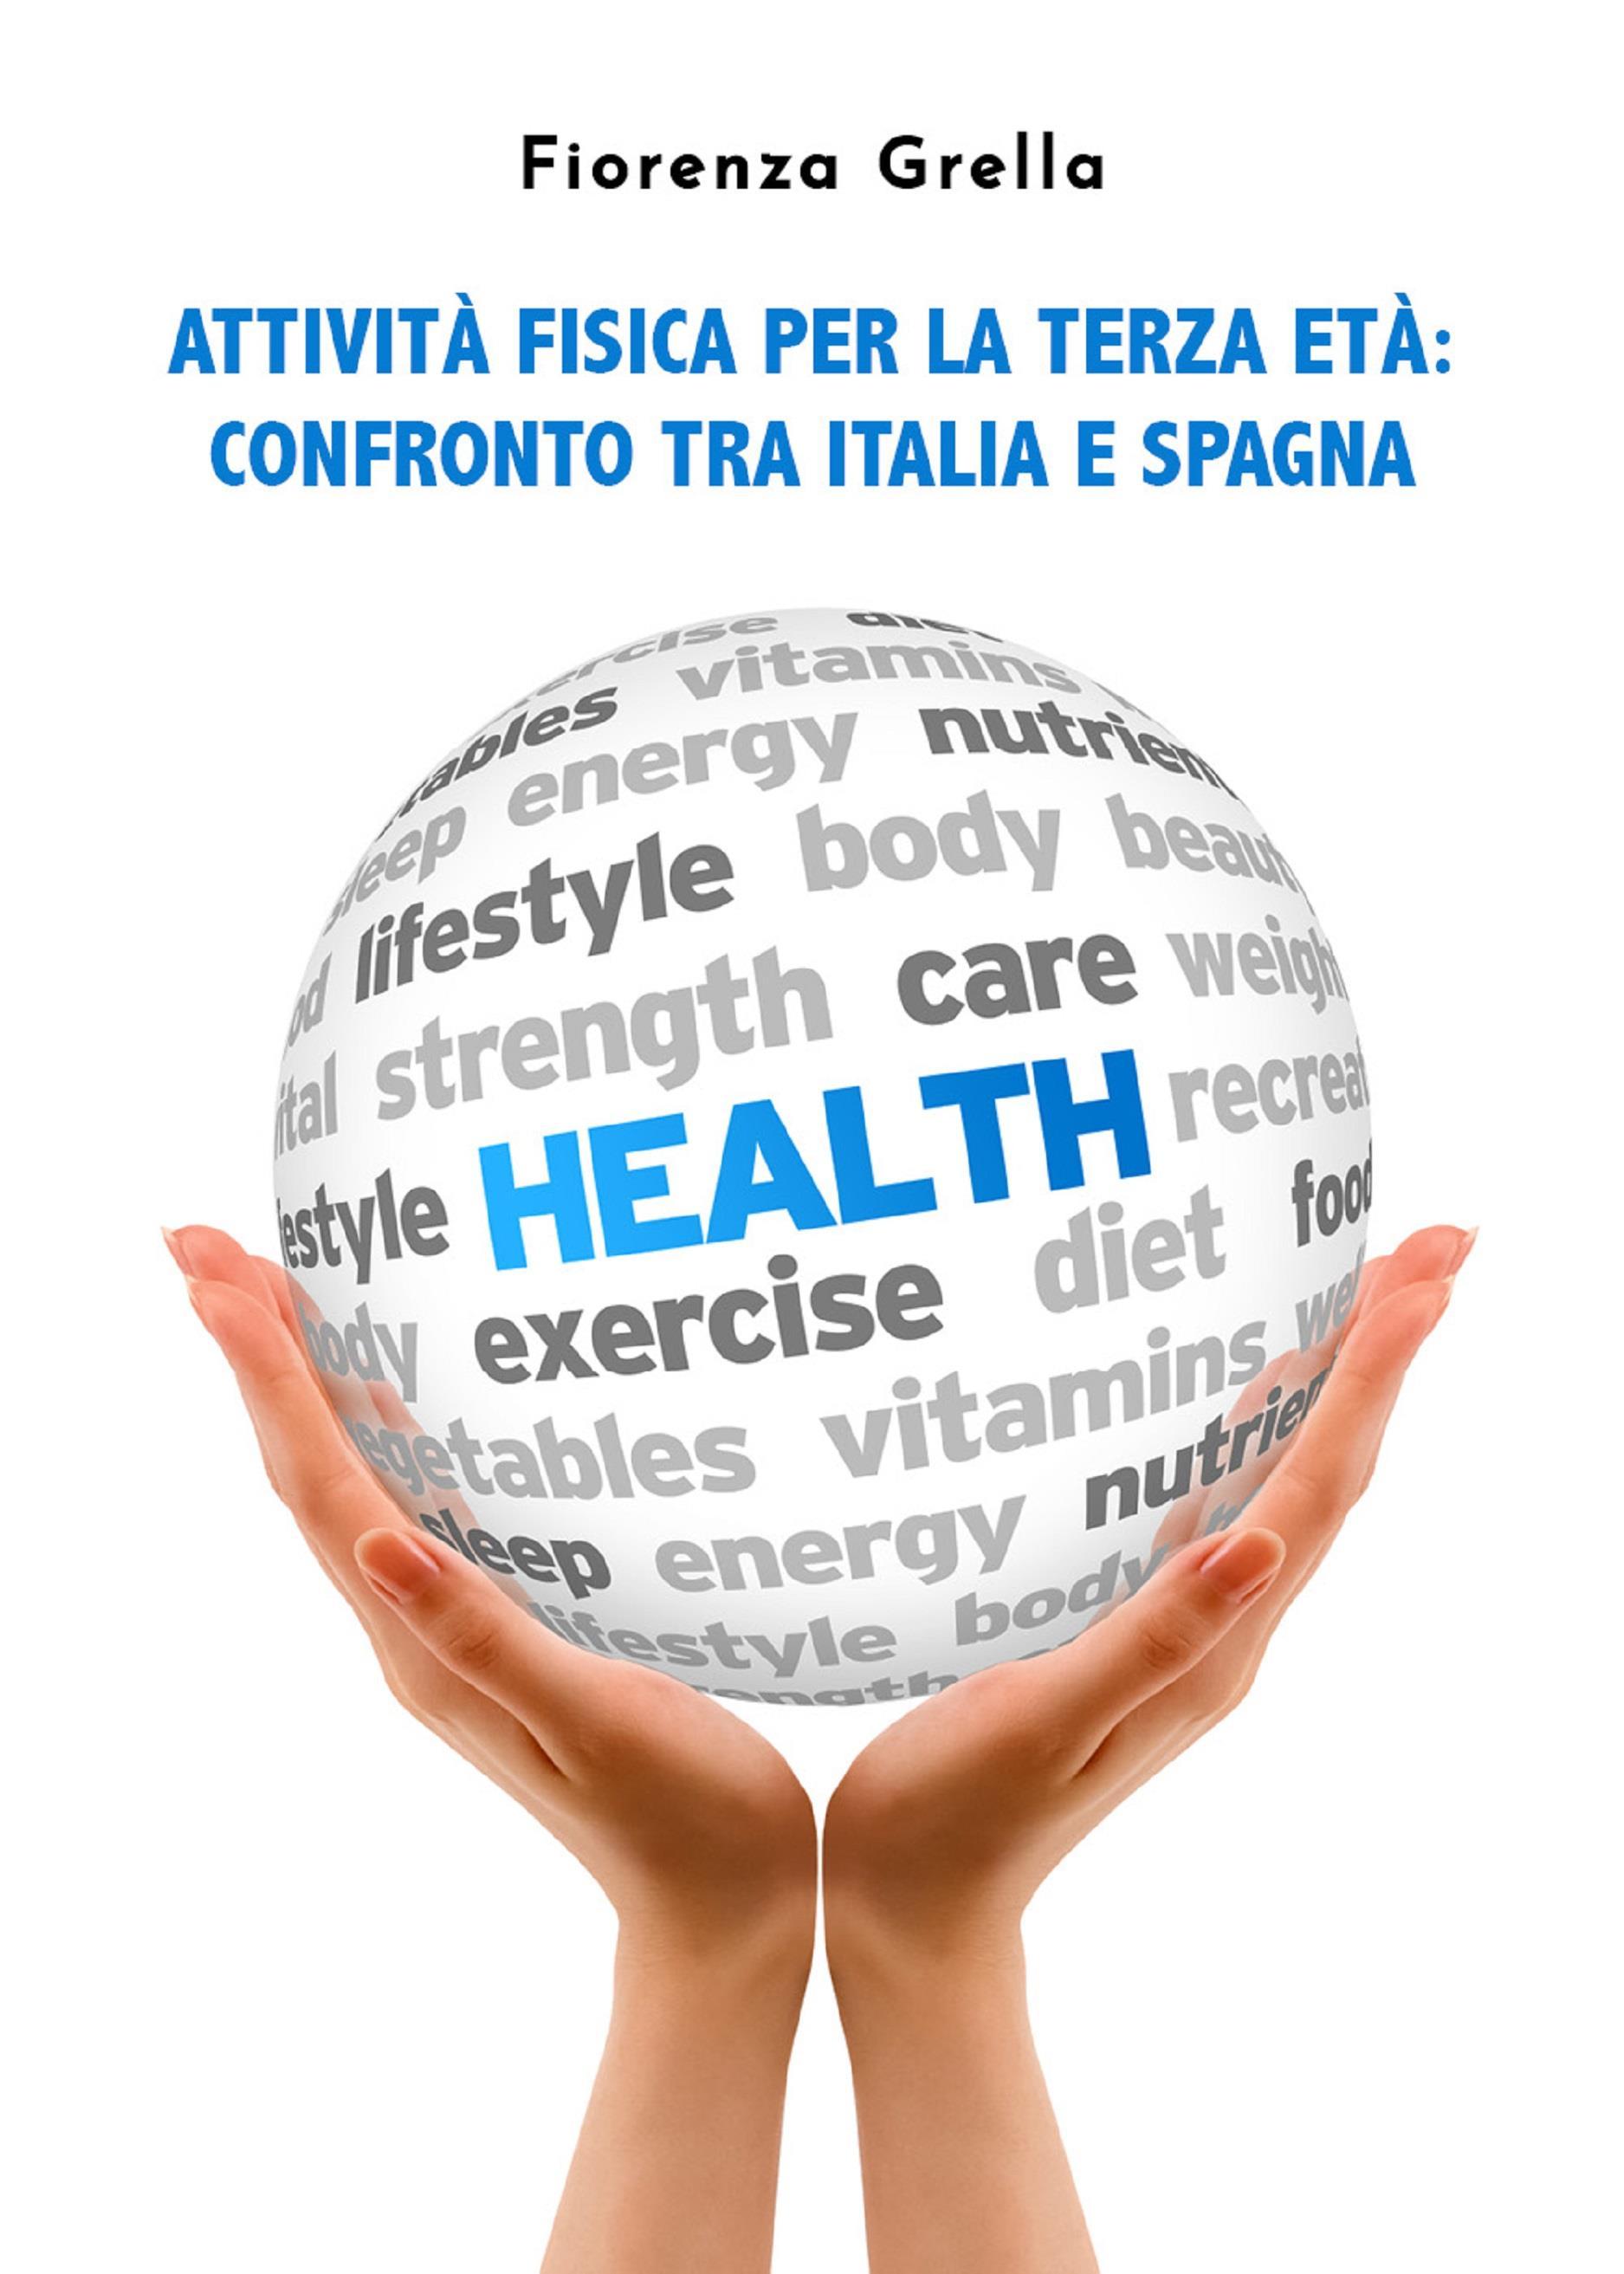 Attività fisica per la terza età. Confronto tra Italia e Spagna